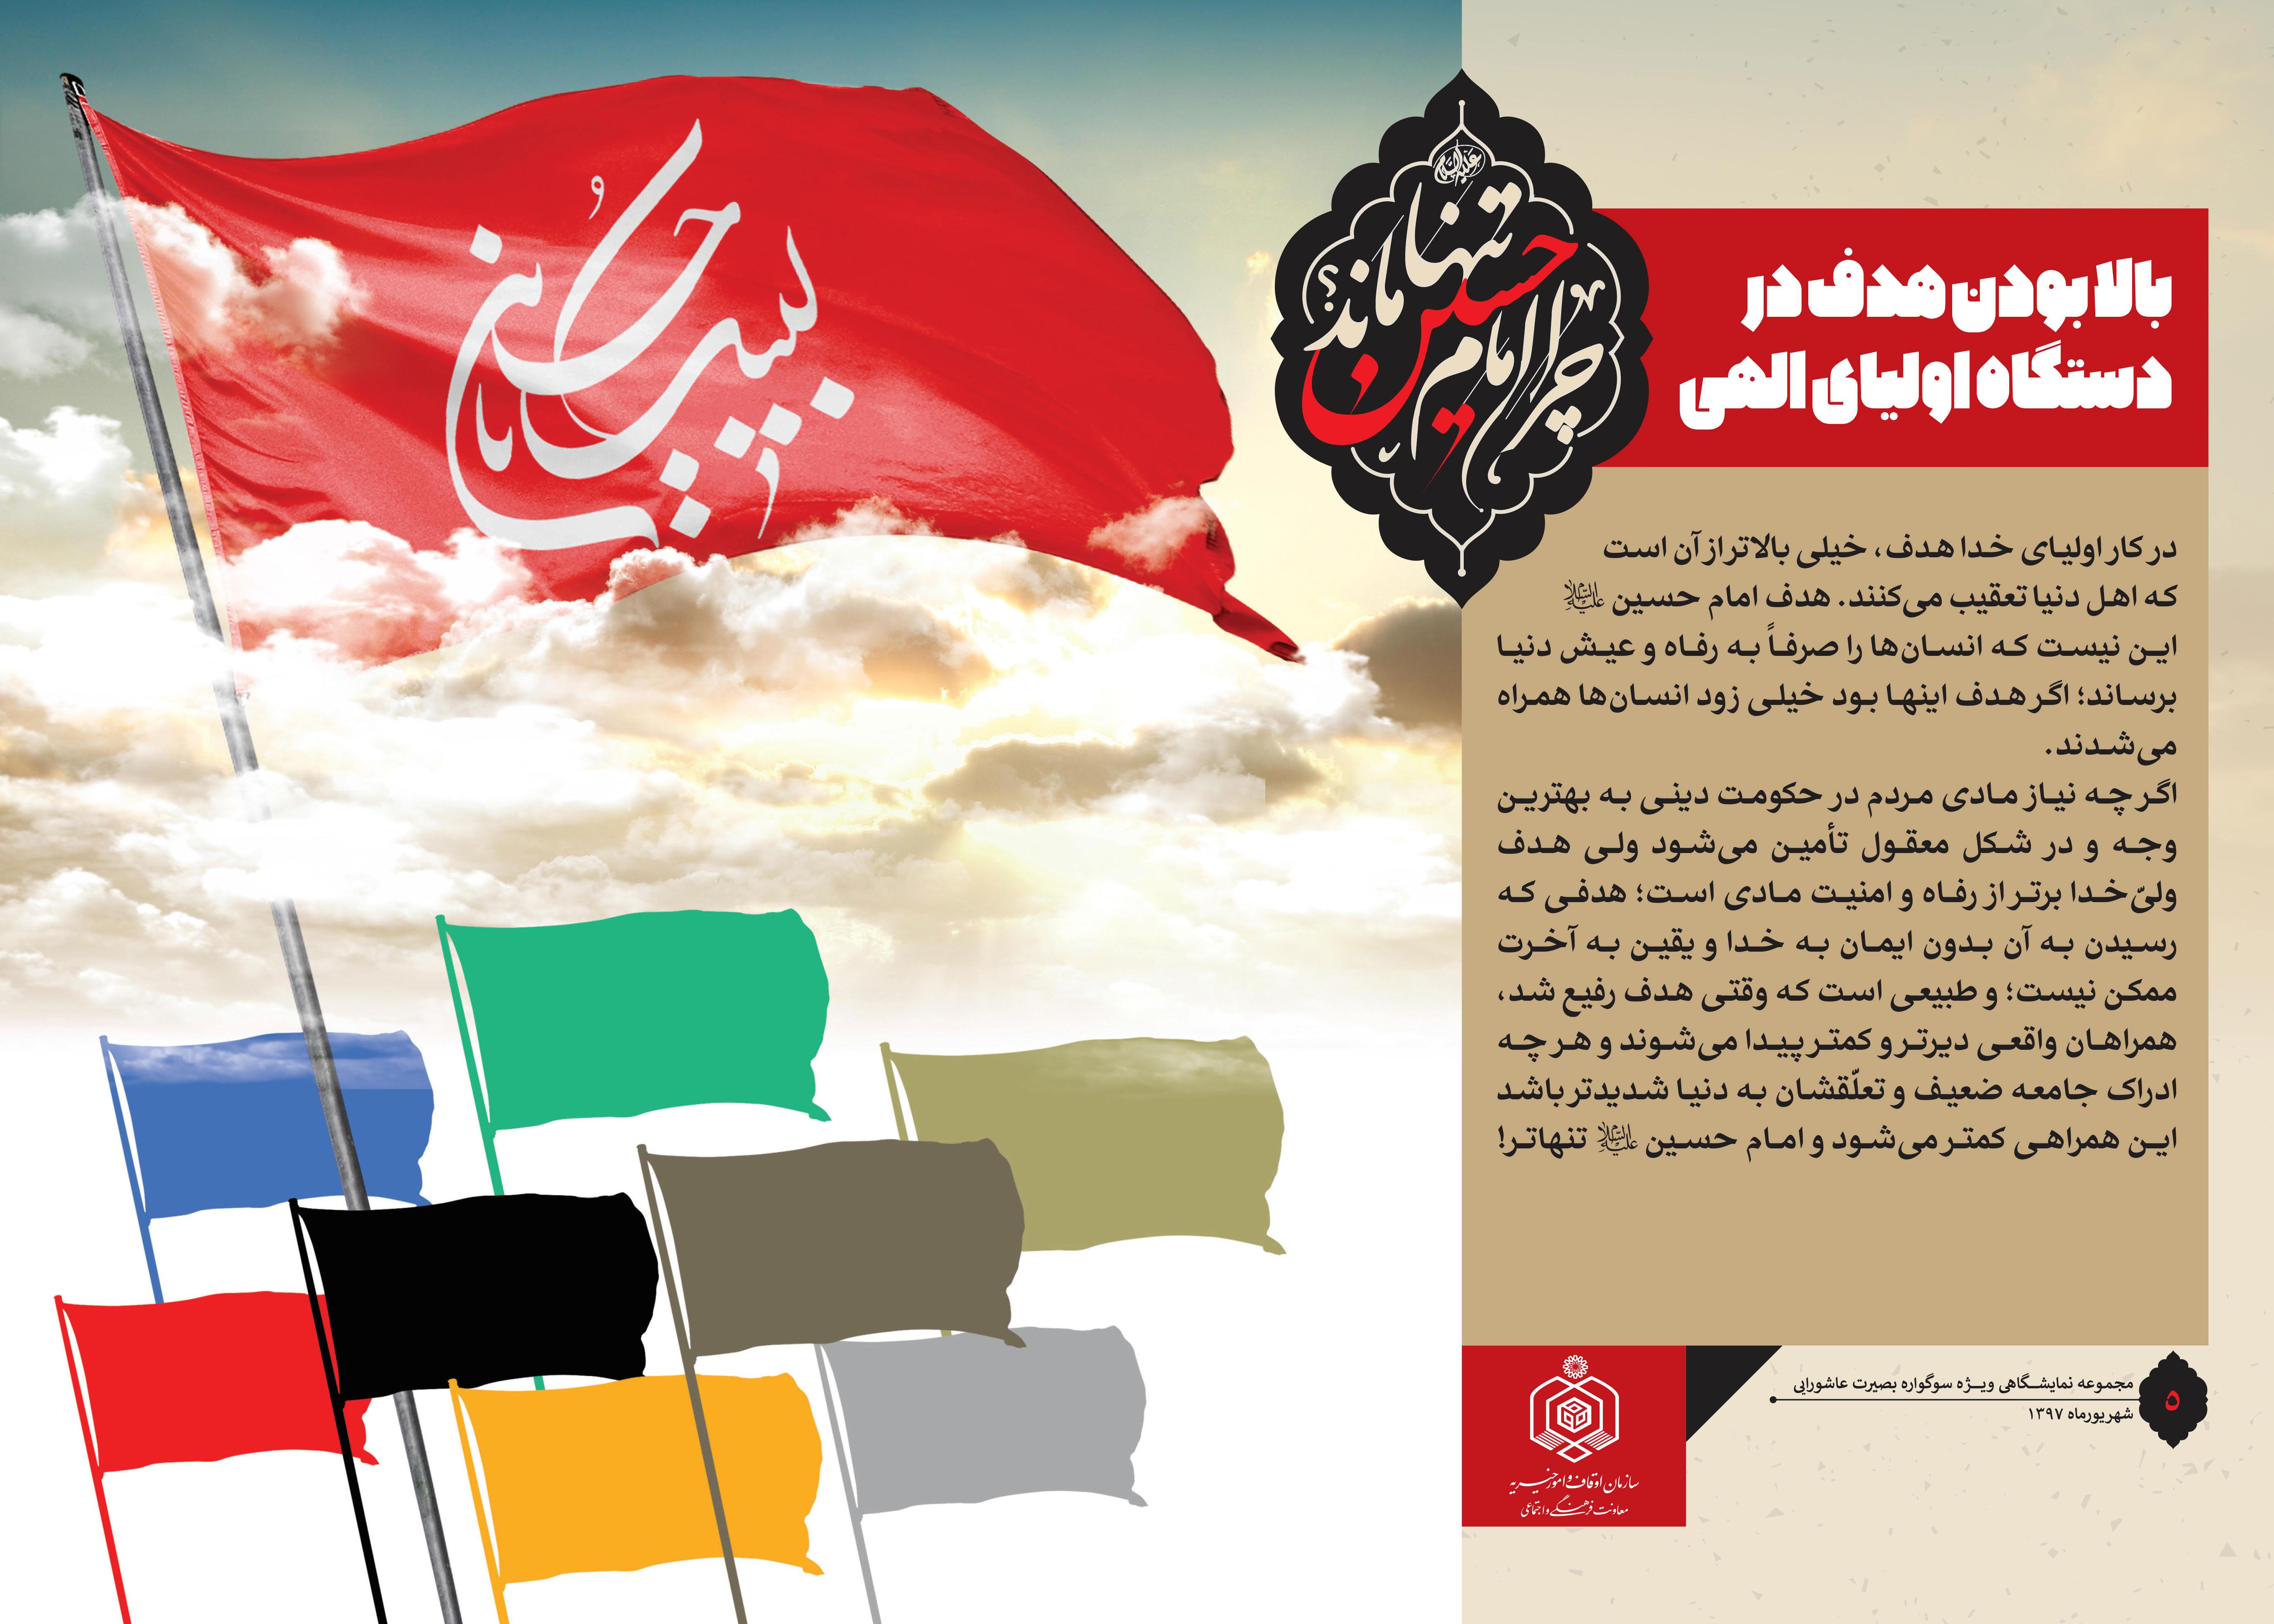 دانلود مجموعه پوستر های «چرا امام حسین (ع) در کربلا تنها ماند؟» + تصاویر